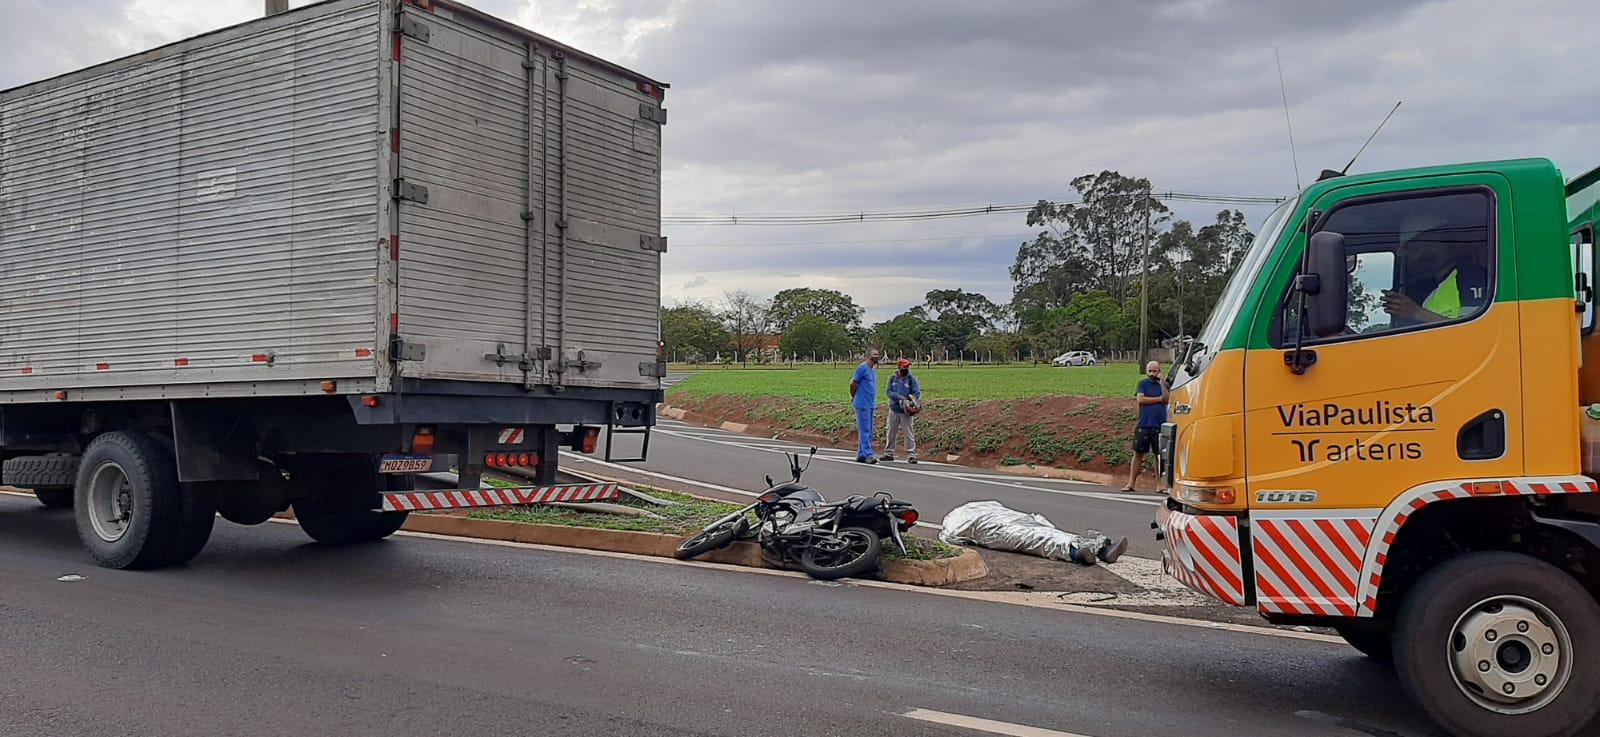 Motociclista morre após colidir na traseira de caminhão